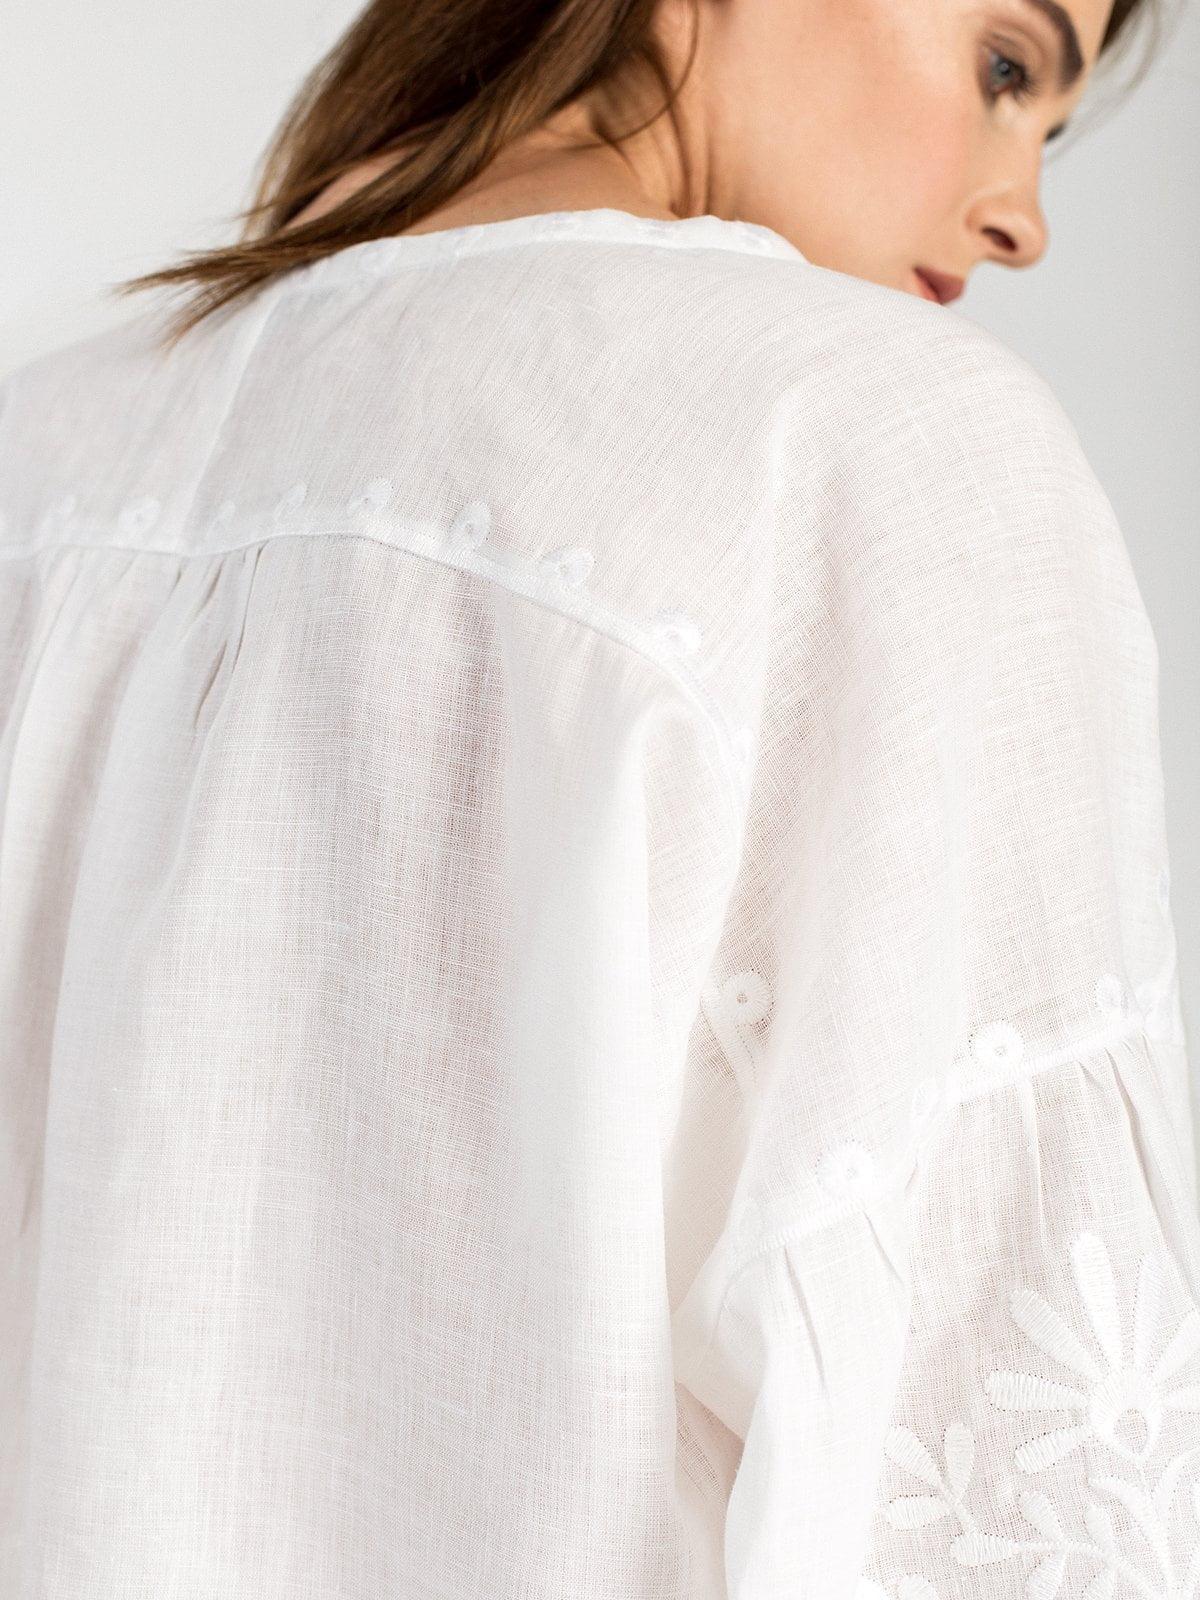 Жіноча вишиванка з пишними рукавами білого льону North Bird – купити ... c1c6fdfc9da61